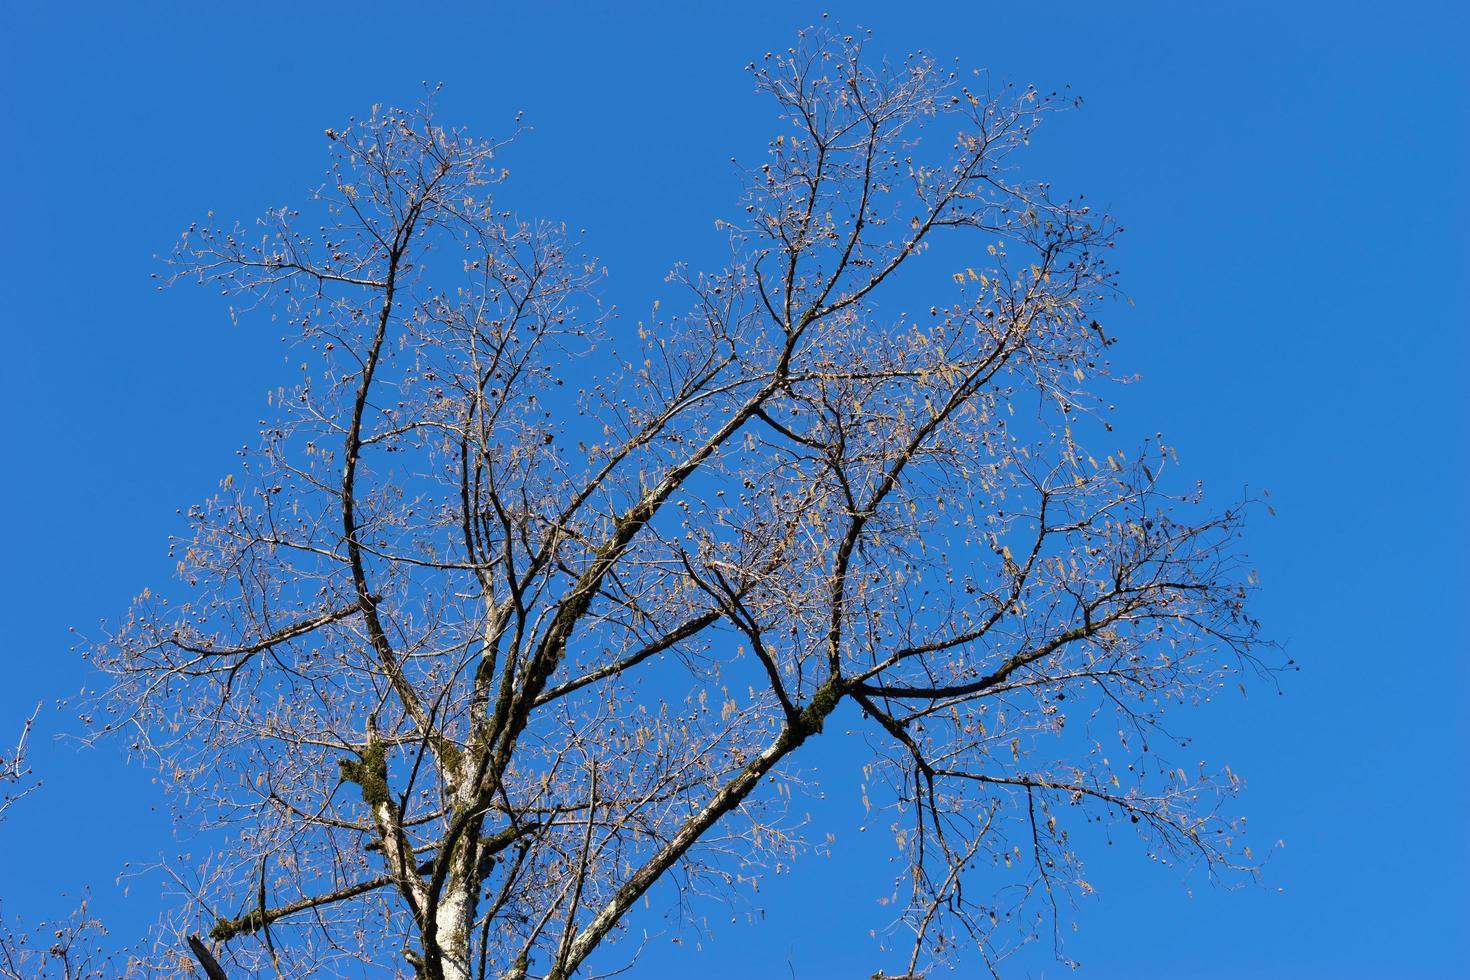 rami degli alberi senza foglie contro il cielo blu foto